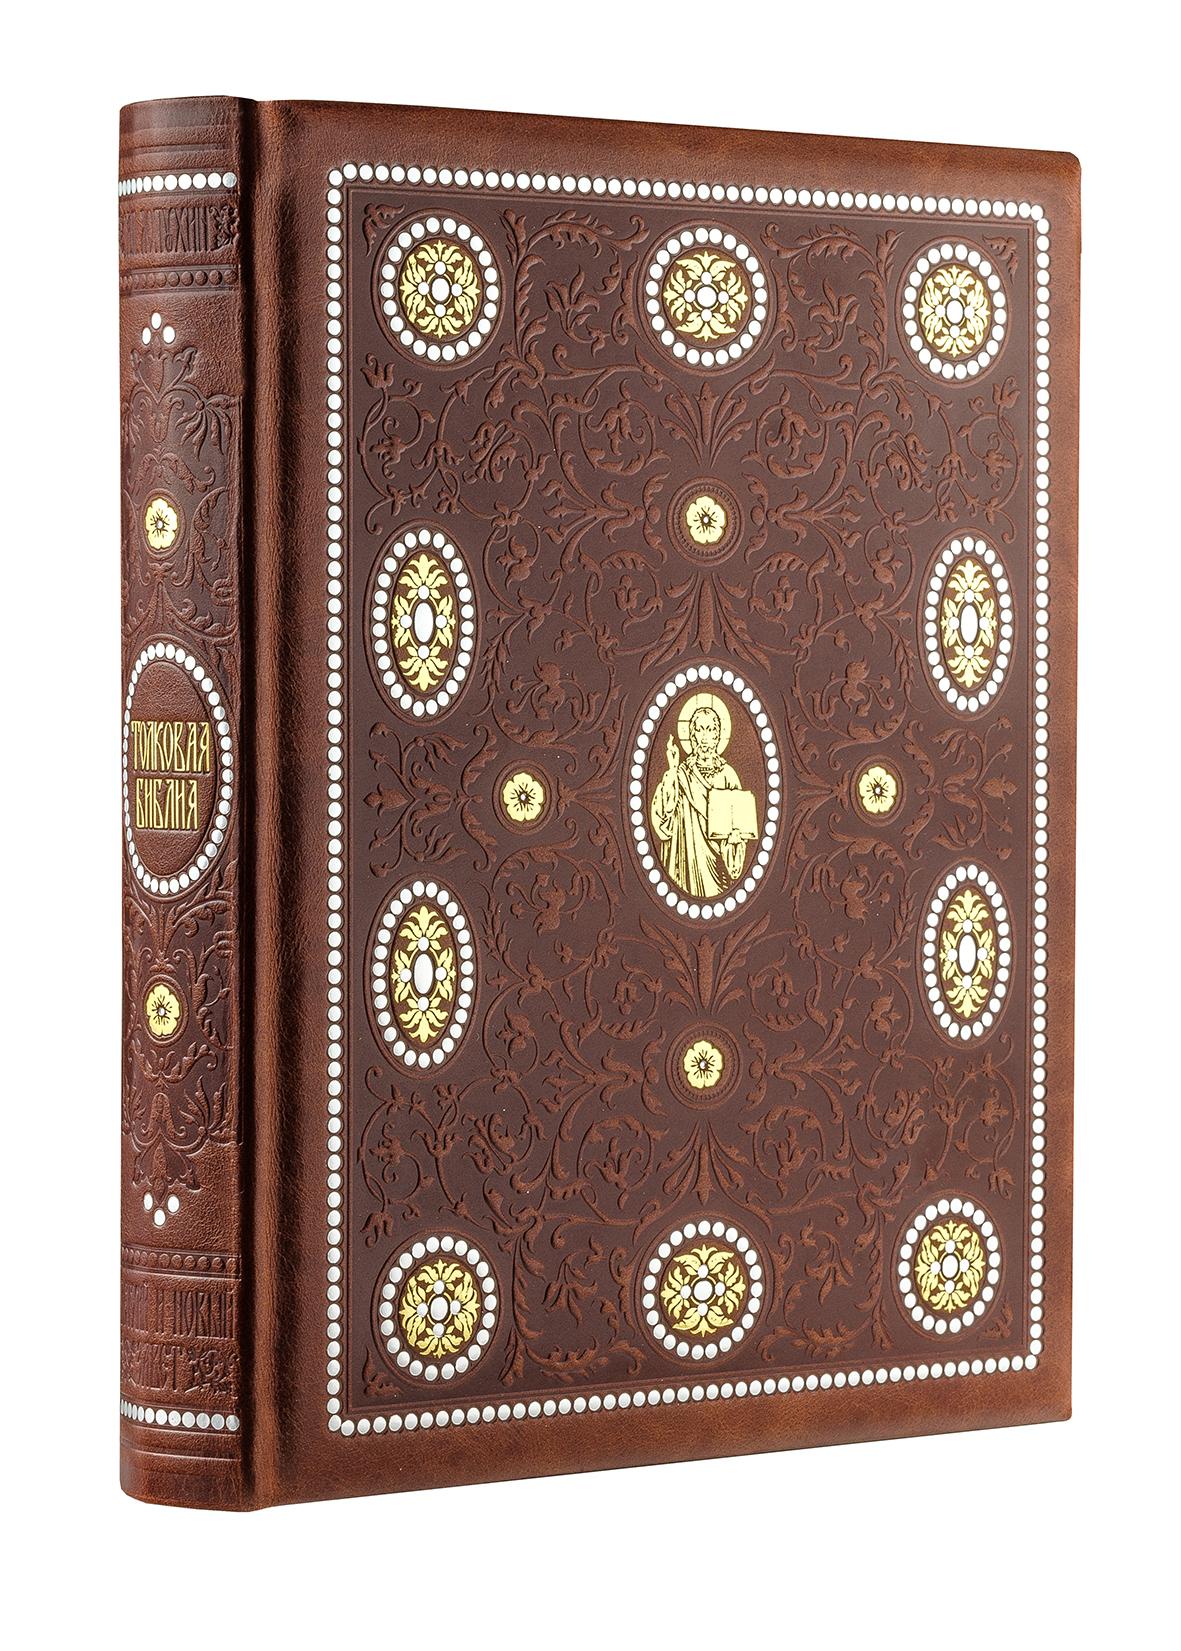 Толковая Библия: Ветхий Завет и Новый Завет (книга+футляр) ( Лопухин Александр Павлович  )